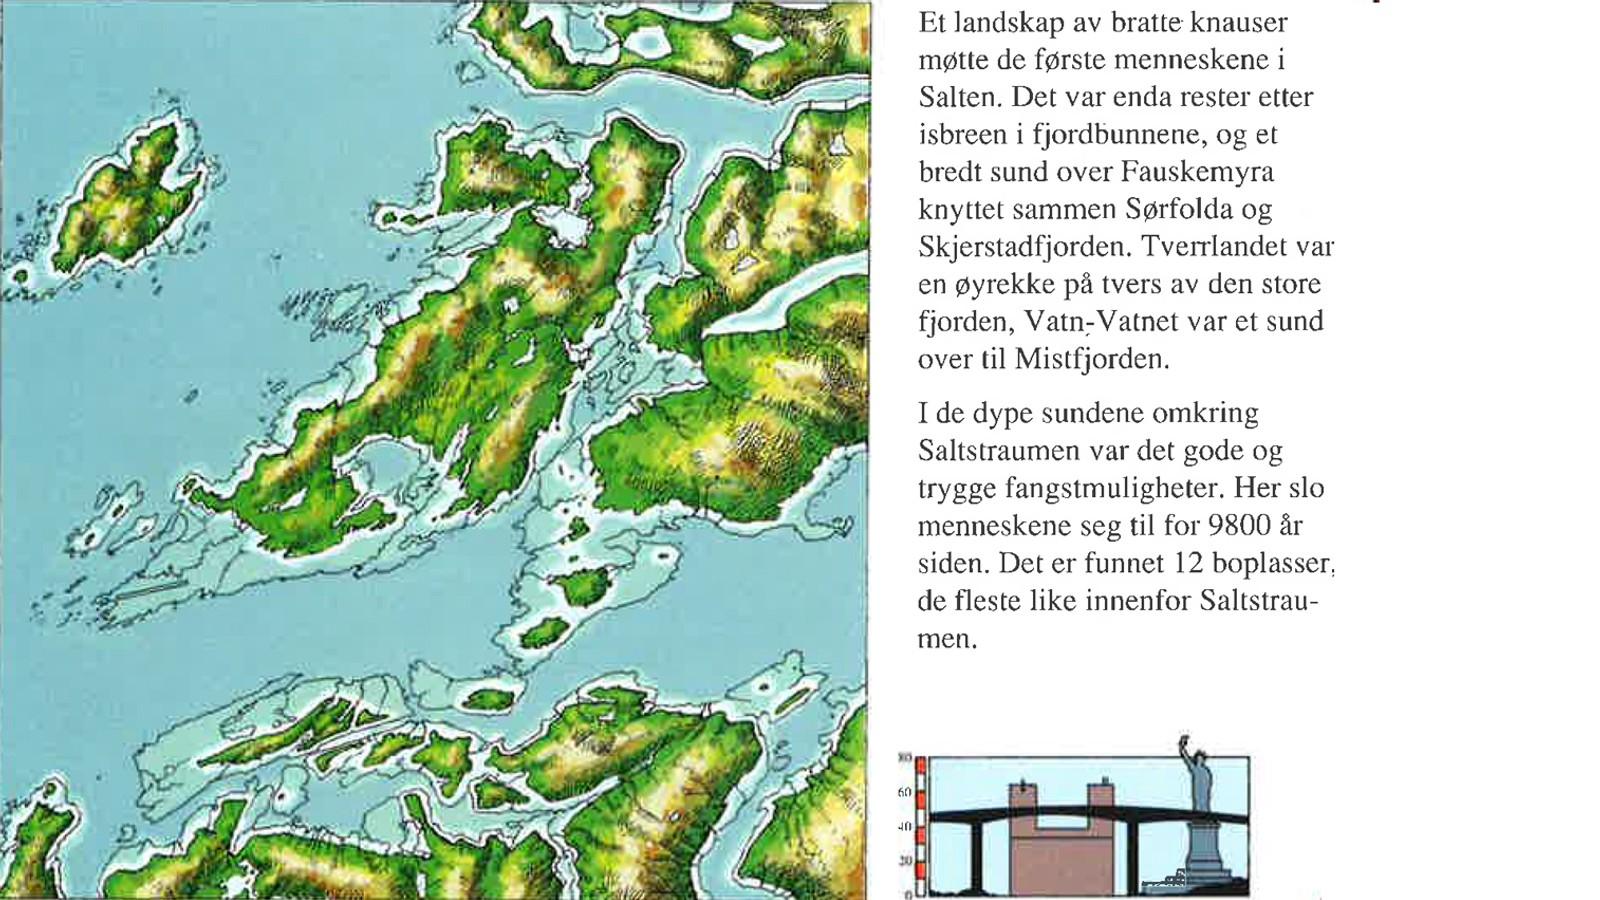 For 9500 år siden var havnivået 80 meter høyere enn i dag. Fra heftet «Spor ved Saltstraumen gjennom 10.000 år» av Hein Bjartmann Bjerck.